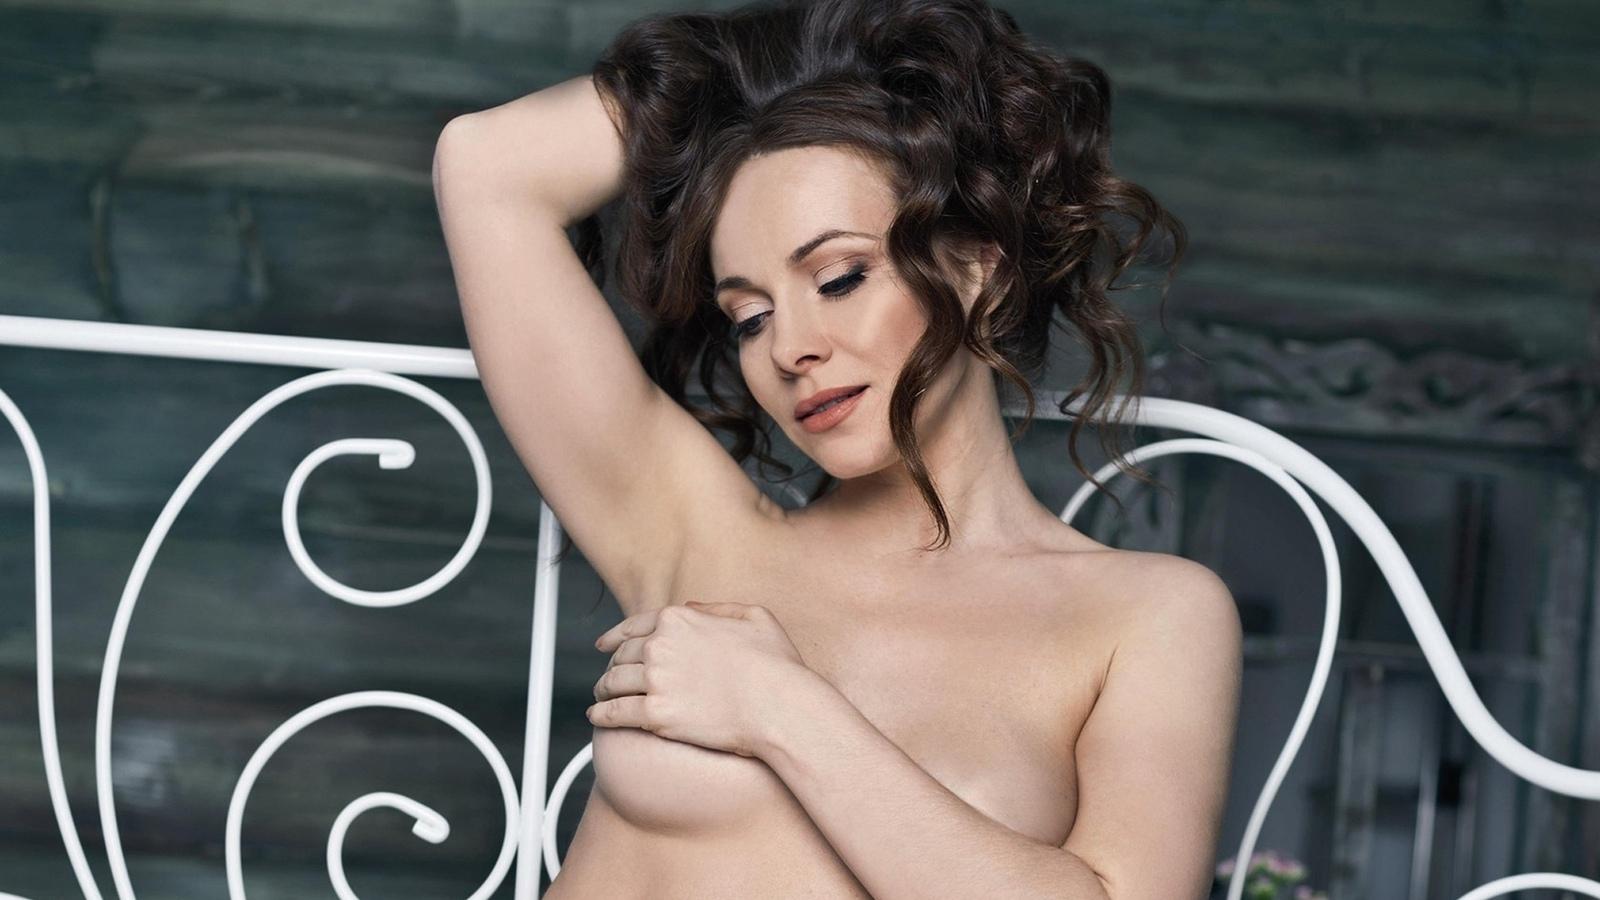 nyu-foto-rossiyskih-aktris